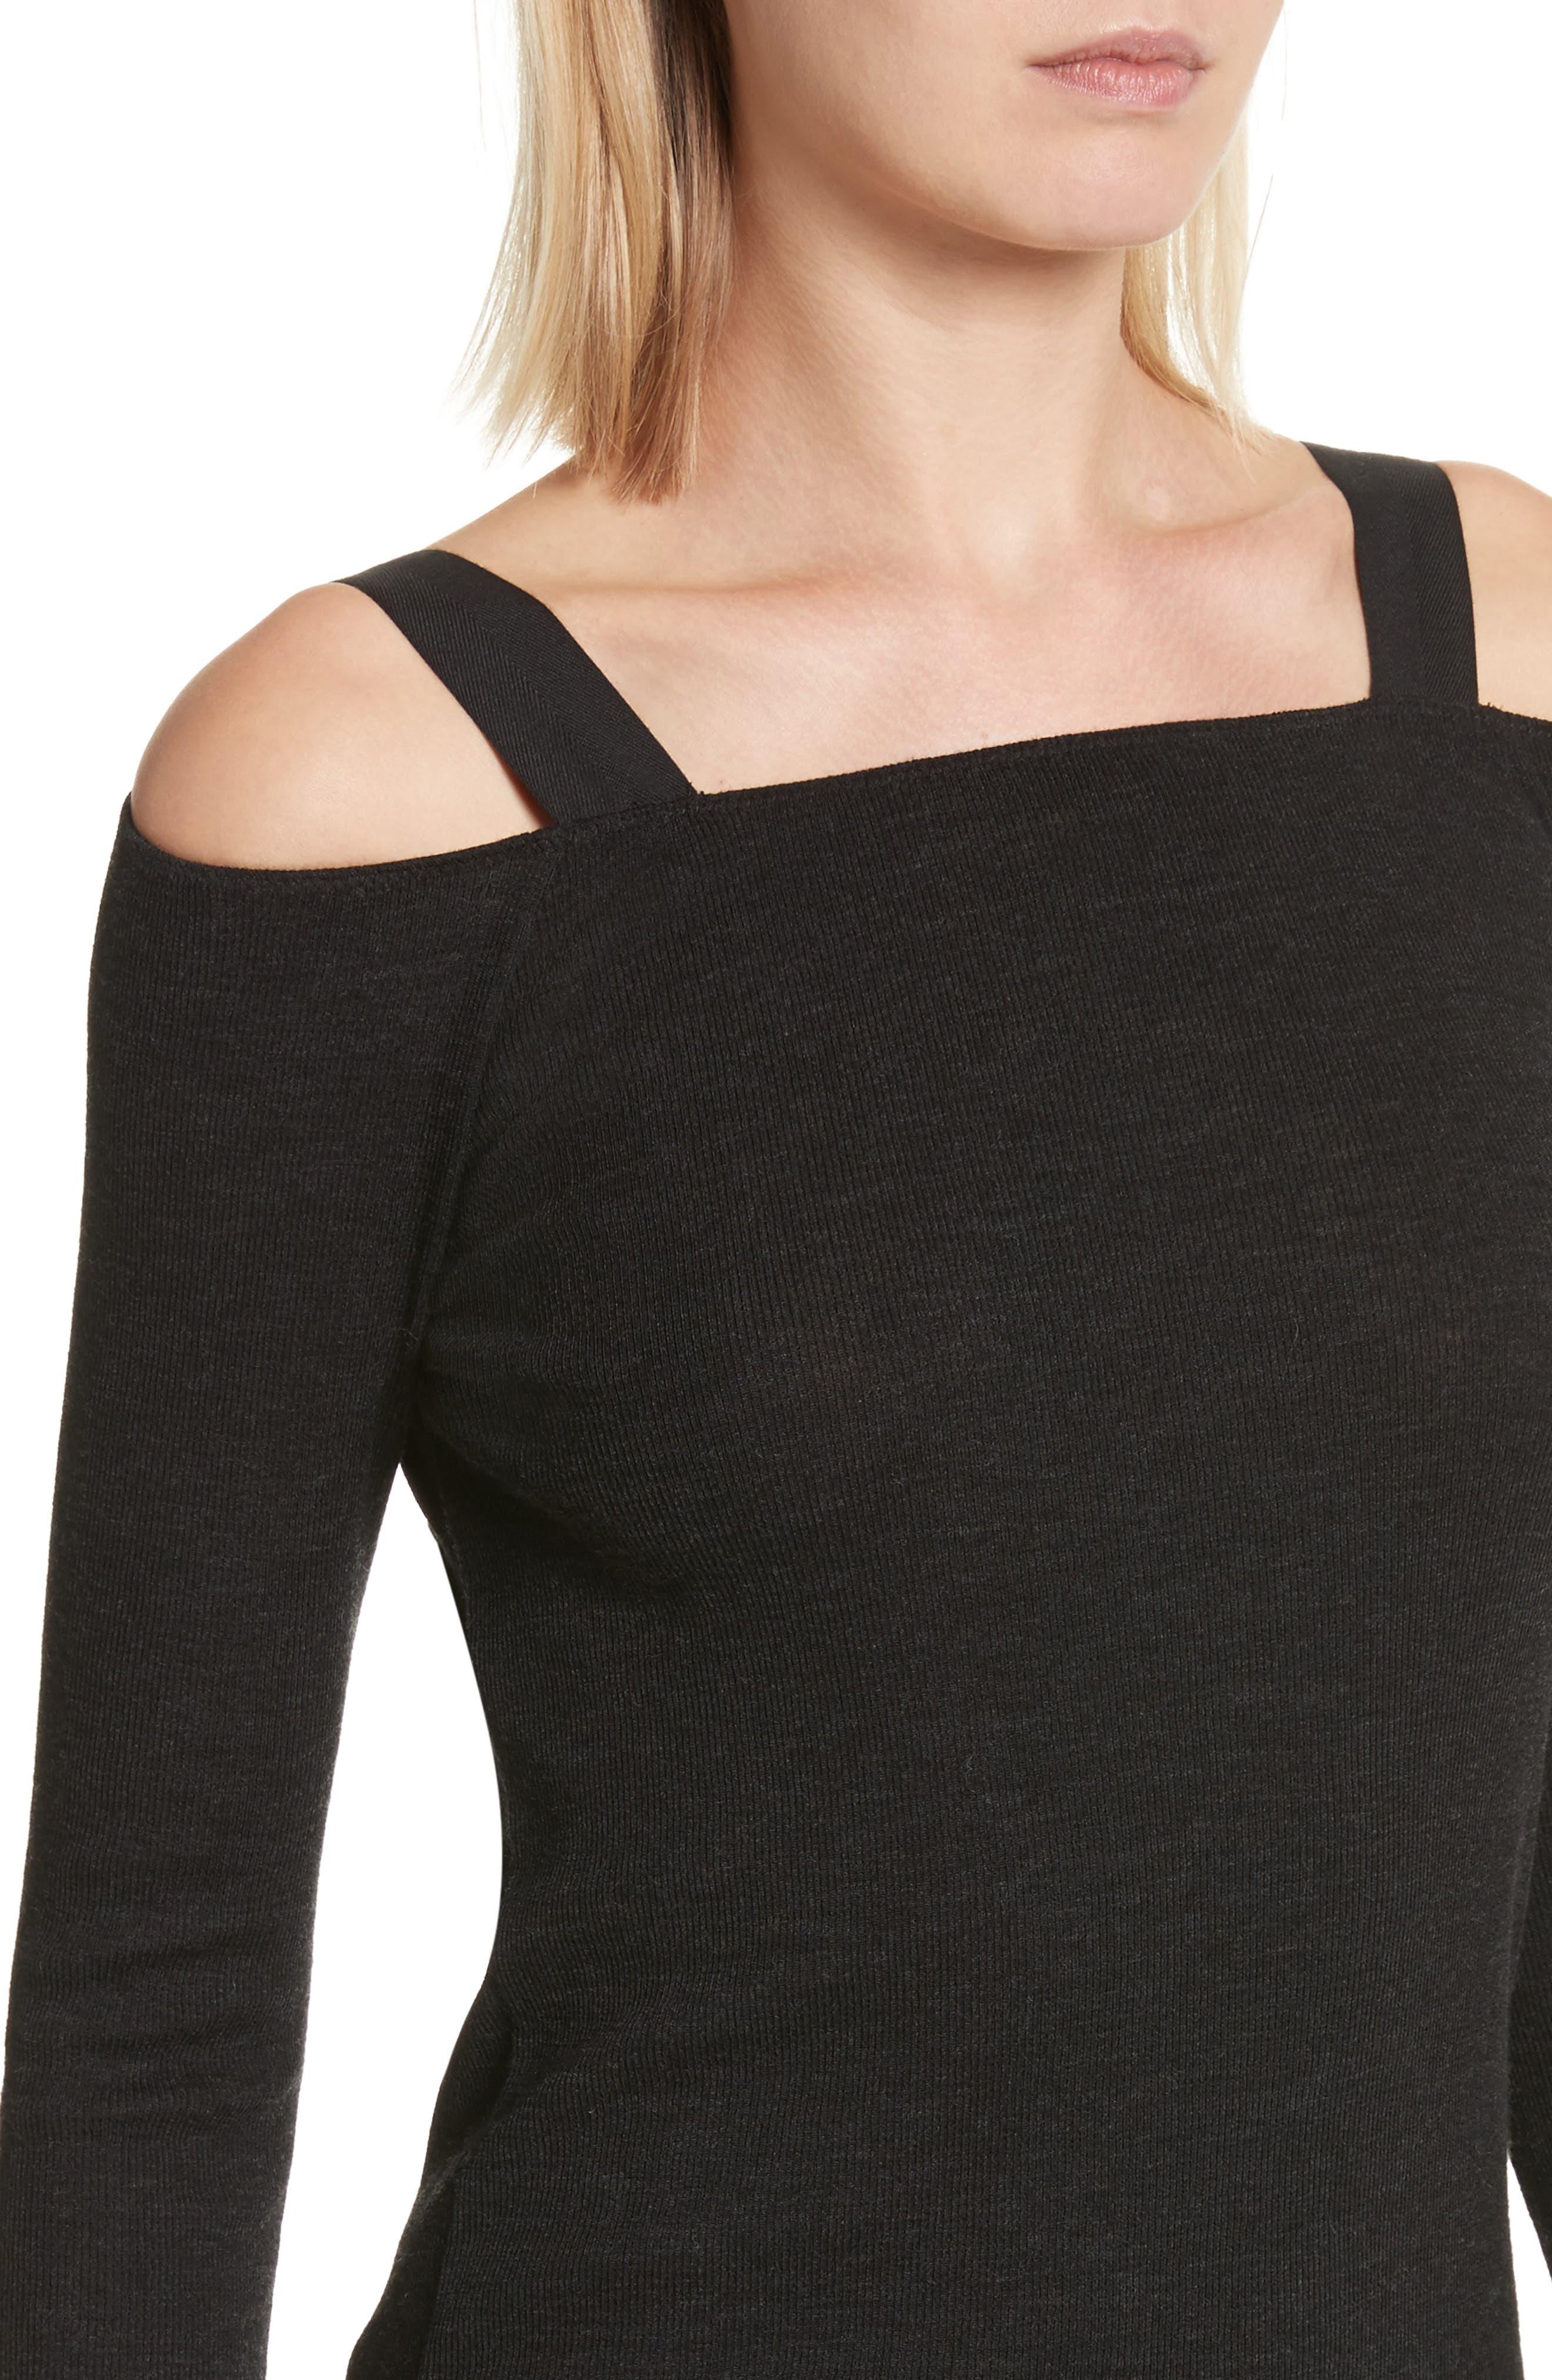 Surplus Off the Shoulder Knit Top,                             Alternate thumbnail 4, color,                             Black